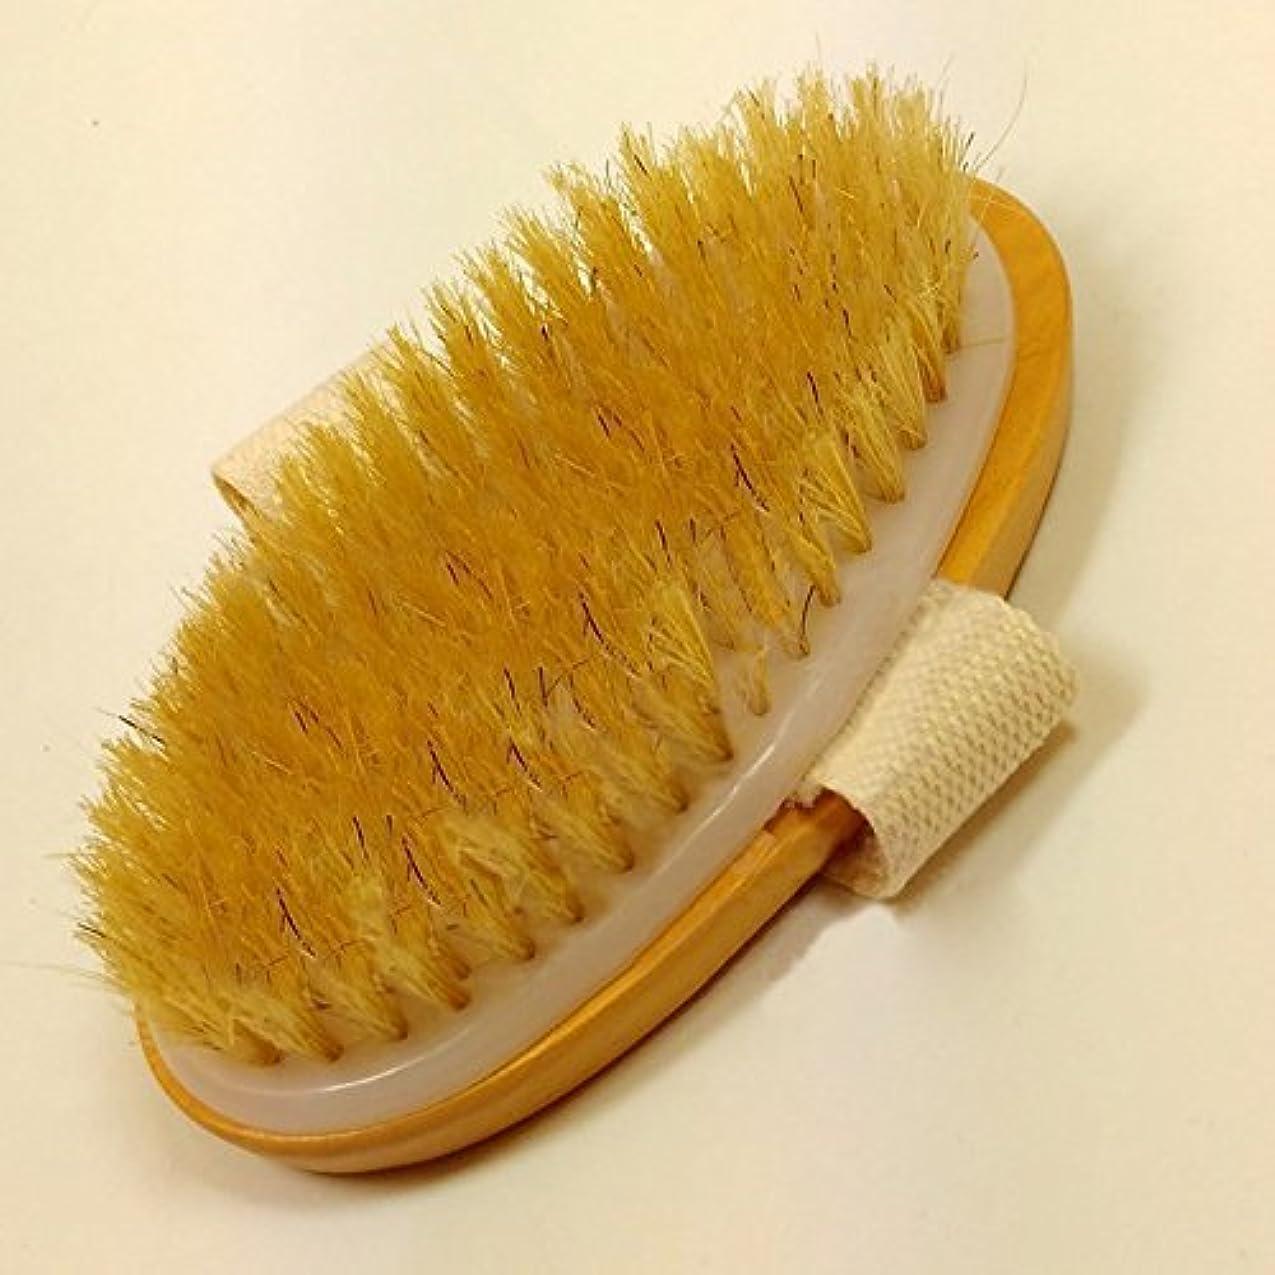 スナッチ構成員ナイロンGeneric Dry Skin Body Brush Natural Bristle Brush Soft Handle Pouch Brush SPA Brush Sale